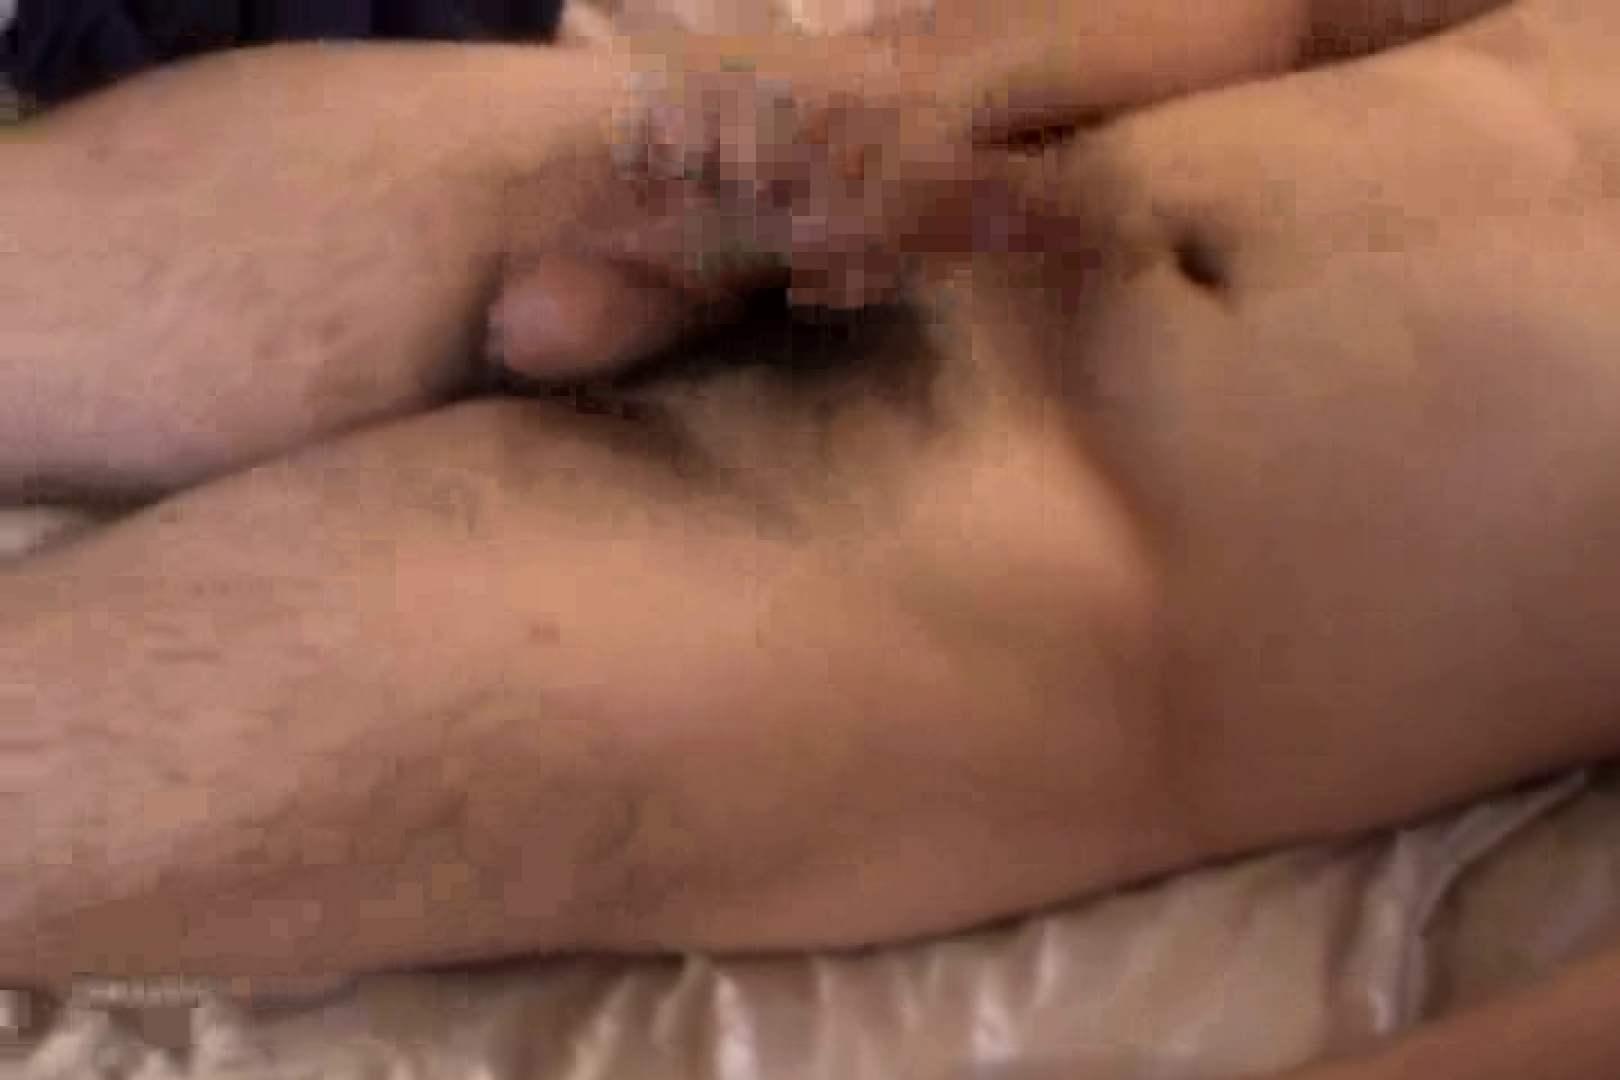 ガチ投稿!素人さんのセンズリ&射精vol10 ノンケ達のセックス  85画像 56